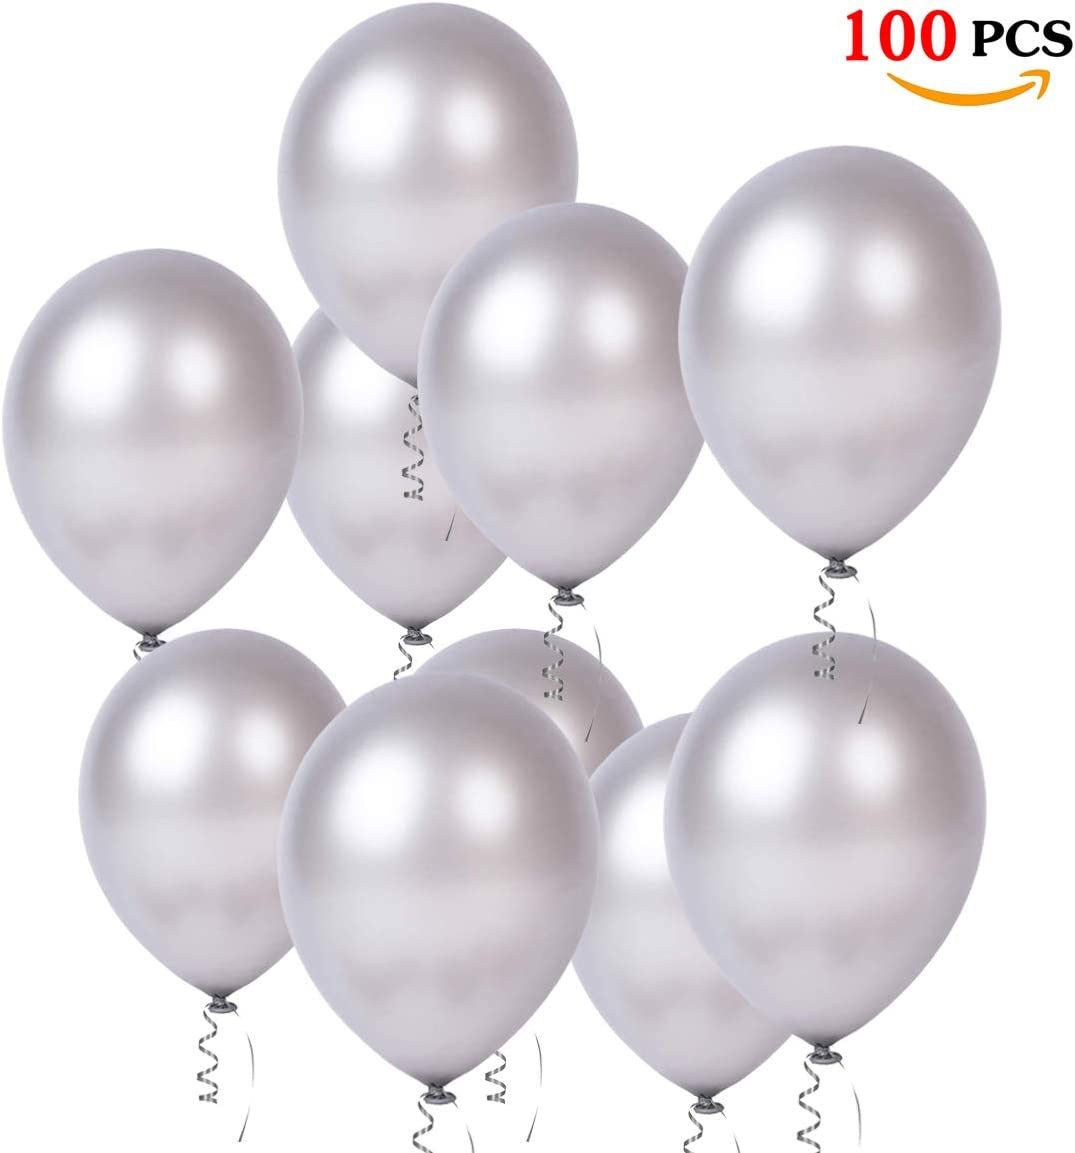 Luftballons Blau,100 St/ück Ballon Blau Latex Helium f/ür Hochzeit Junge 1 Geburtstag Babydusche Taufe Konfirmation Party Deko Blau